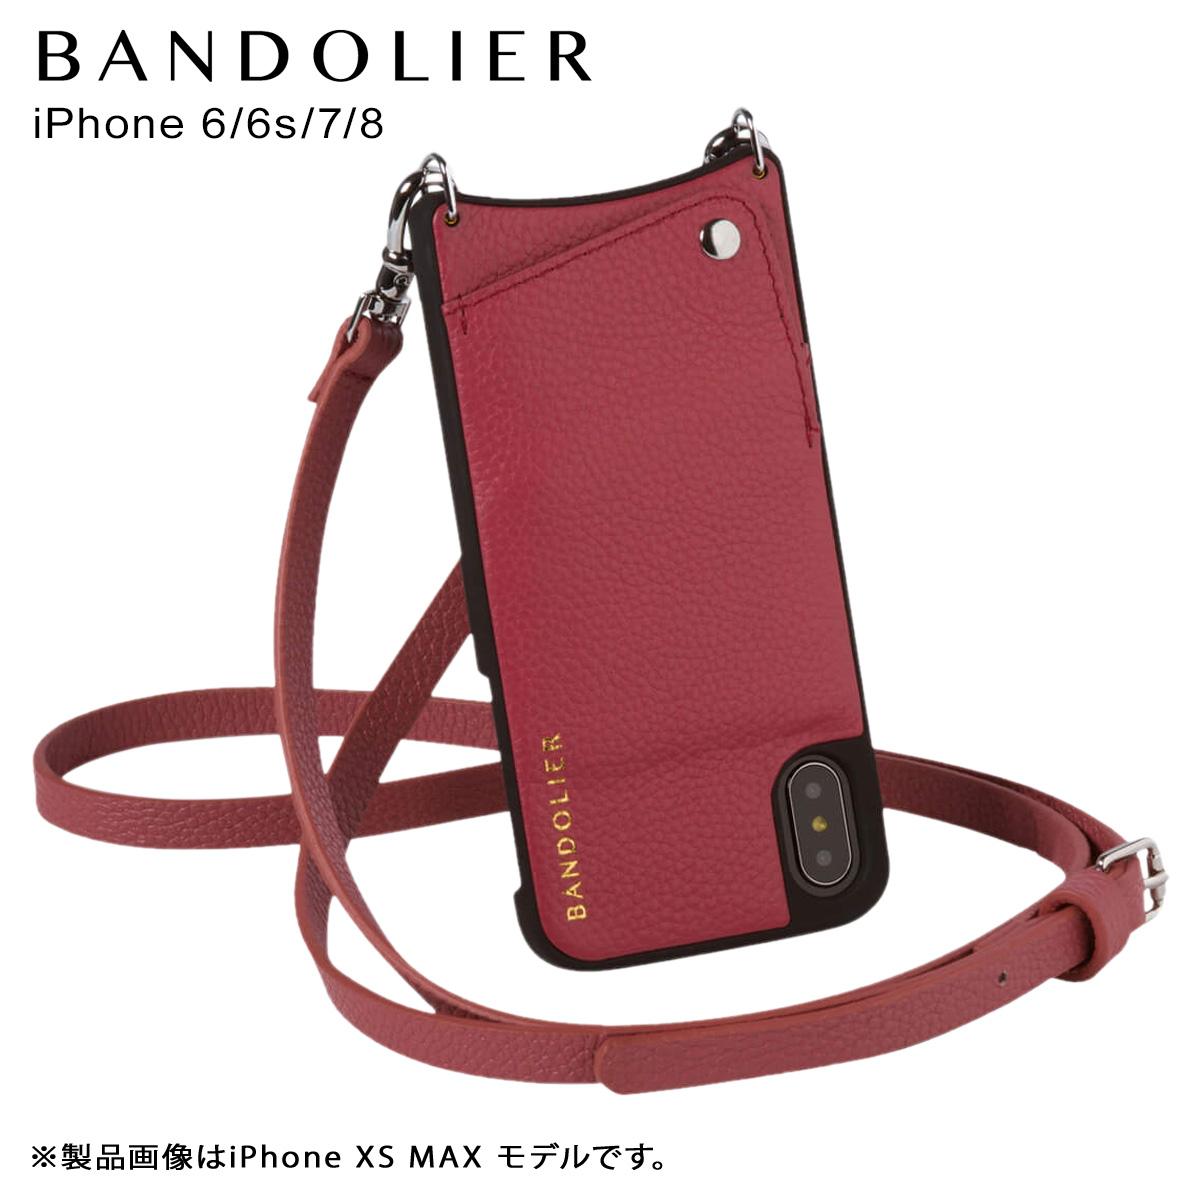 BANDOLIER バンドリヤー iPhone 6 6s 7 8 ケース ショルダー スマホ アイフォン レザー EMMA MAGENTA RED メンズ レディース マゼンタ レッド 10EMM1001 [2/1 新入荷]